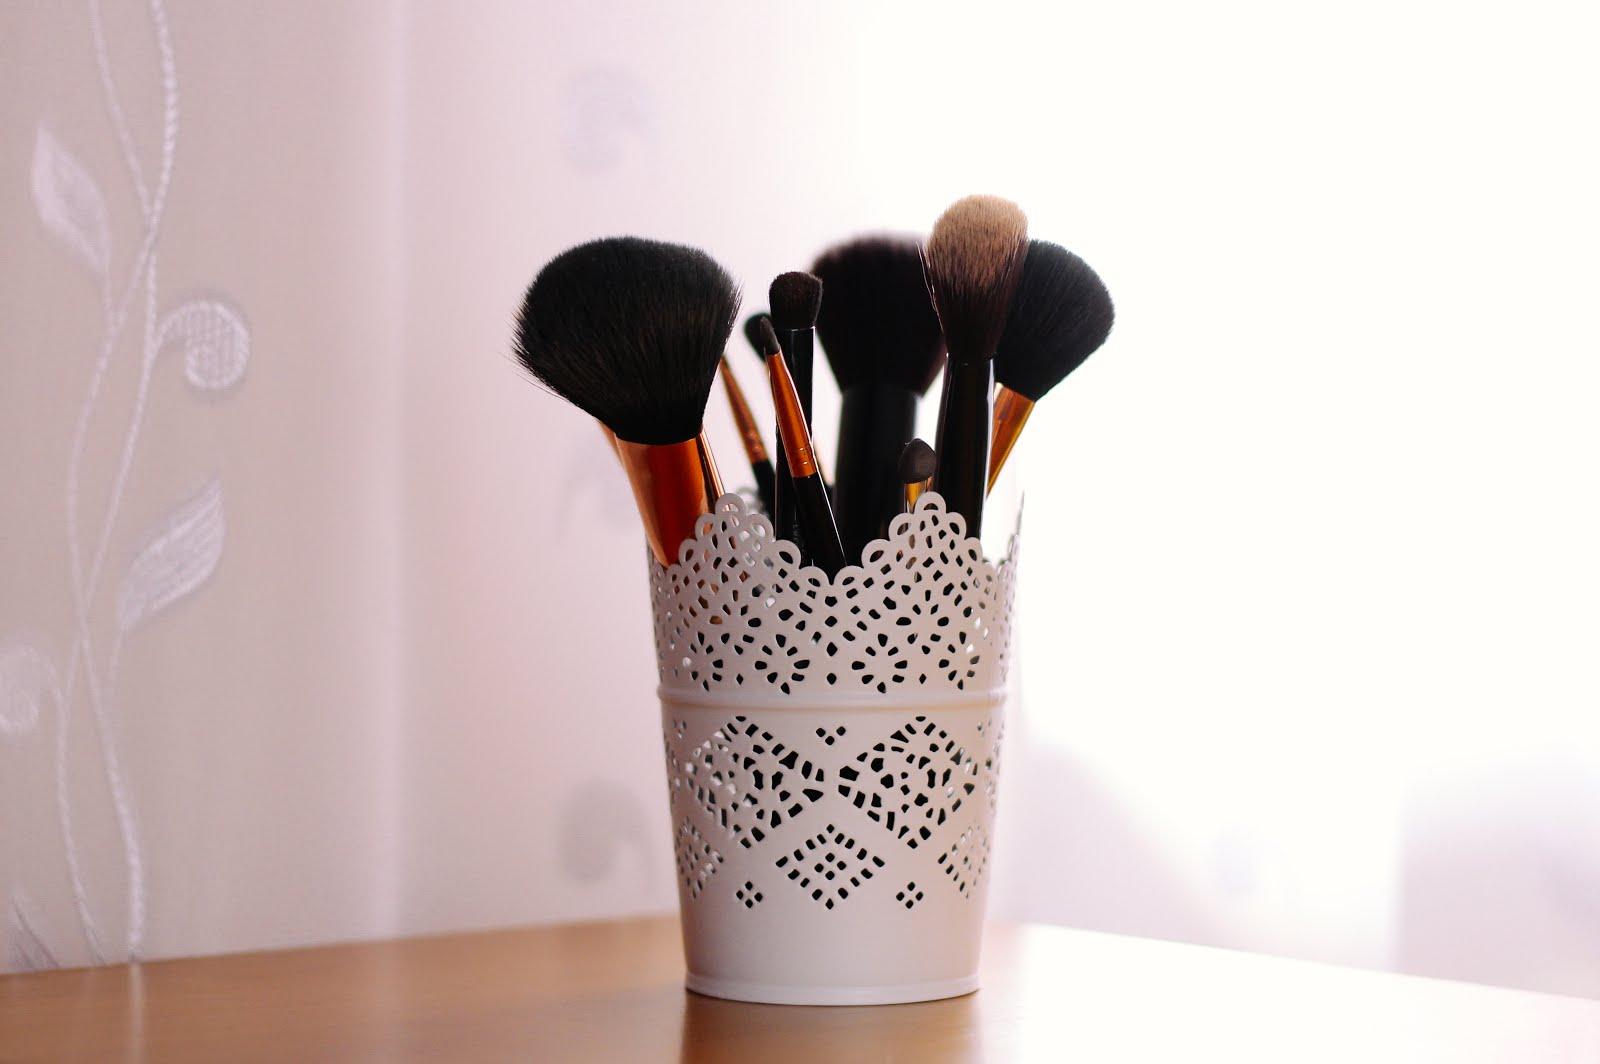 Jak dbać o pędzle do makijażu? - Ilona Kasprzycka | LIFESTYLE BLOG